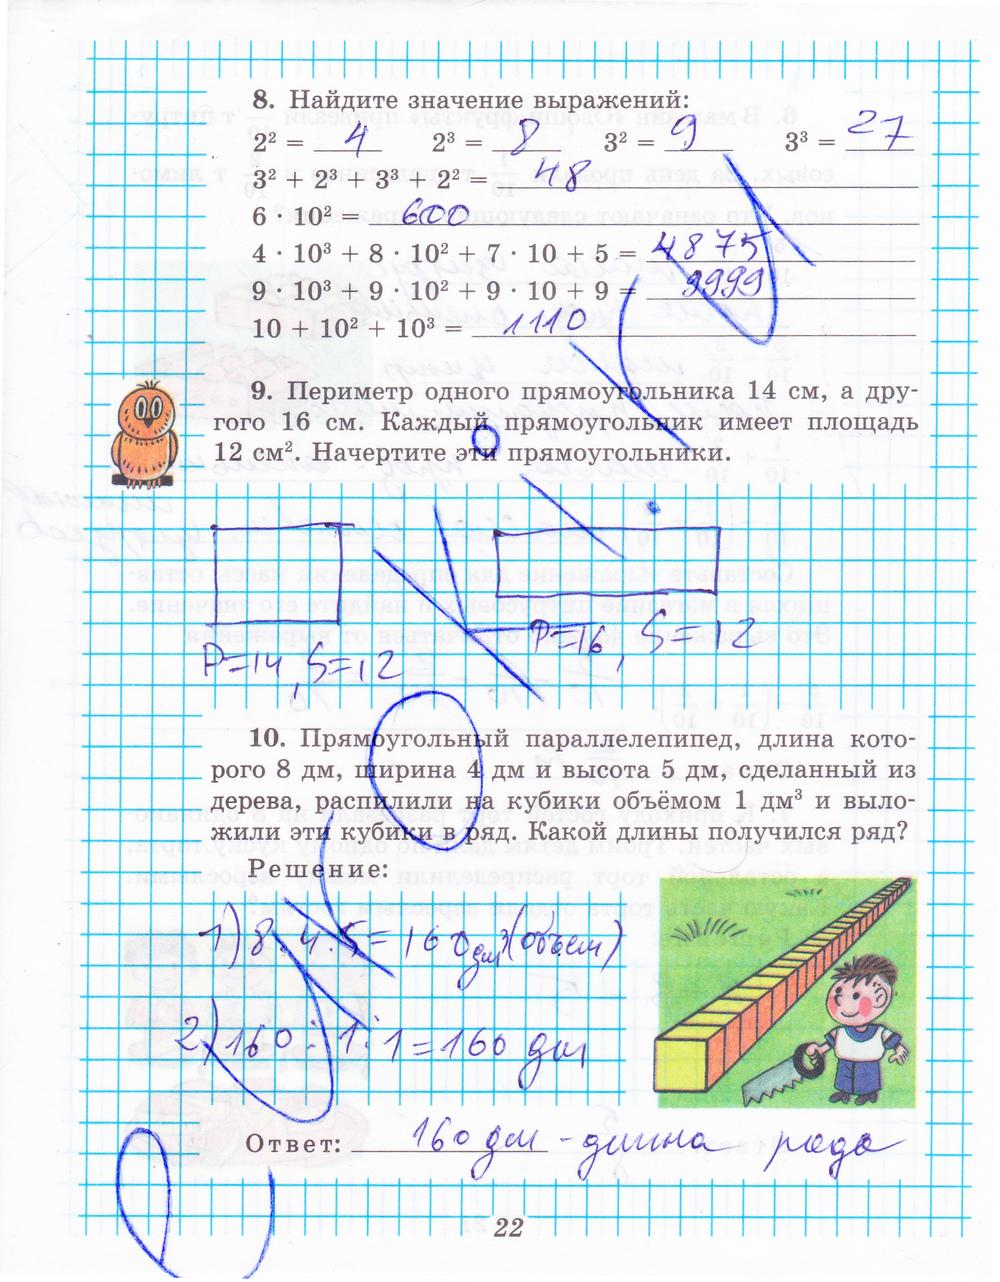 ГДЗ по математике 5 класс рабочая тетрадь Рудницкая Часть 1, 2. Задание: стр. 22